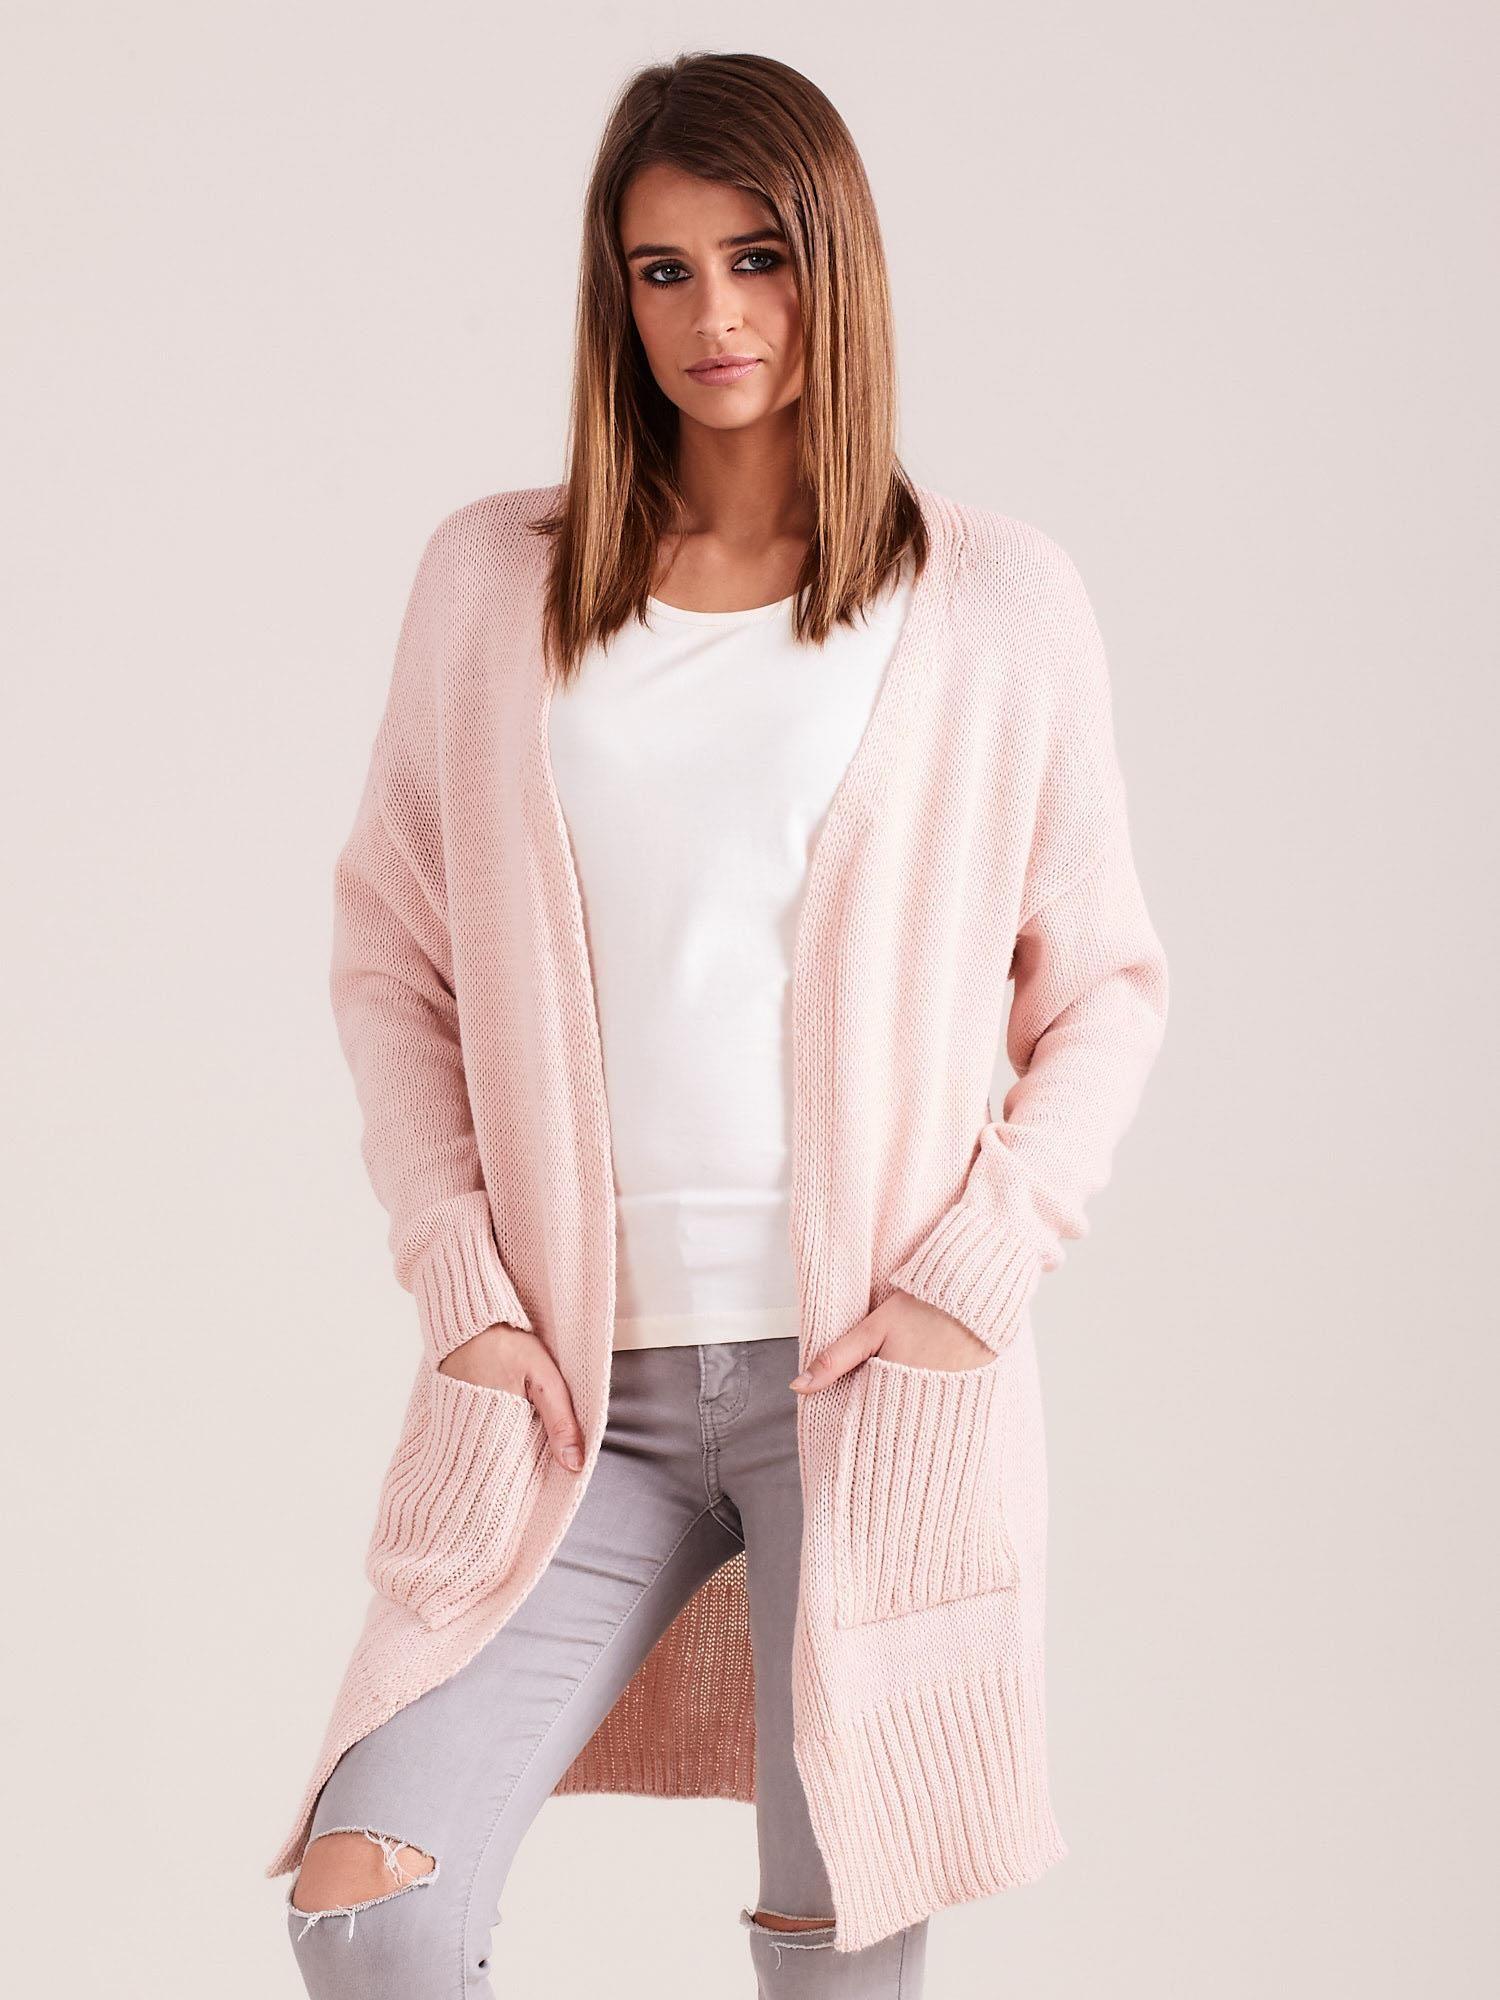 6db8115b709711 Sweter damski z kieszeniami jasnoróżowy - Sweter długi - sklep eButik.pl